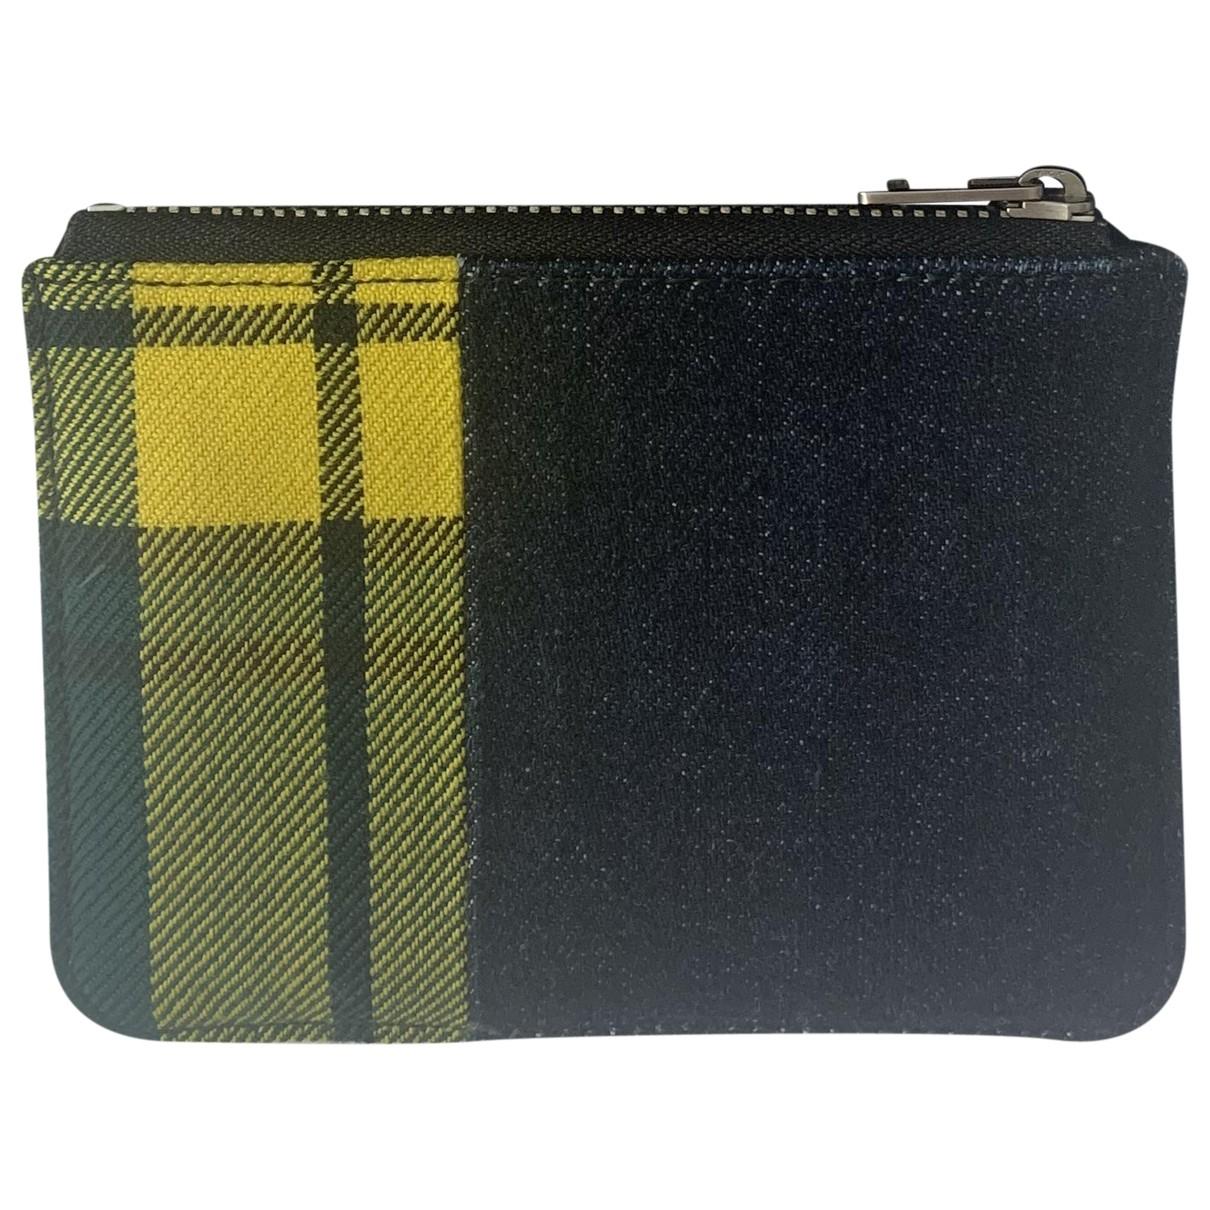 Loewe \N Multicolour Denim - Jeans Small bag, wallet & cases for Men \N